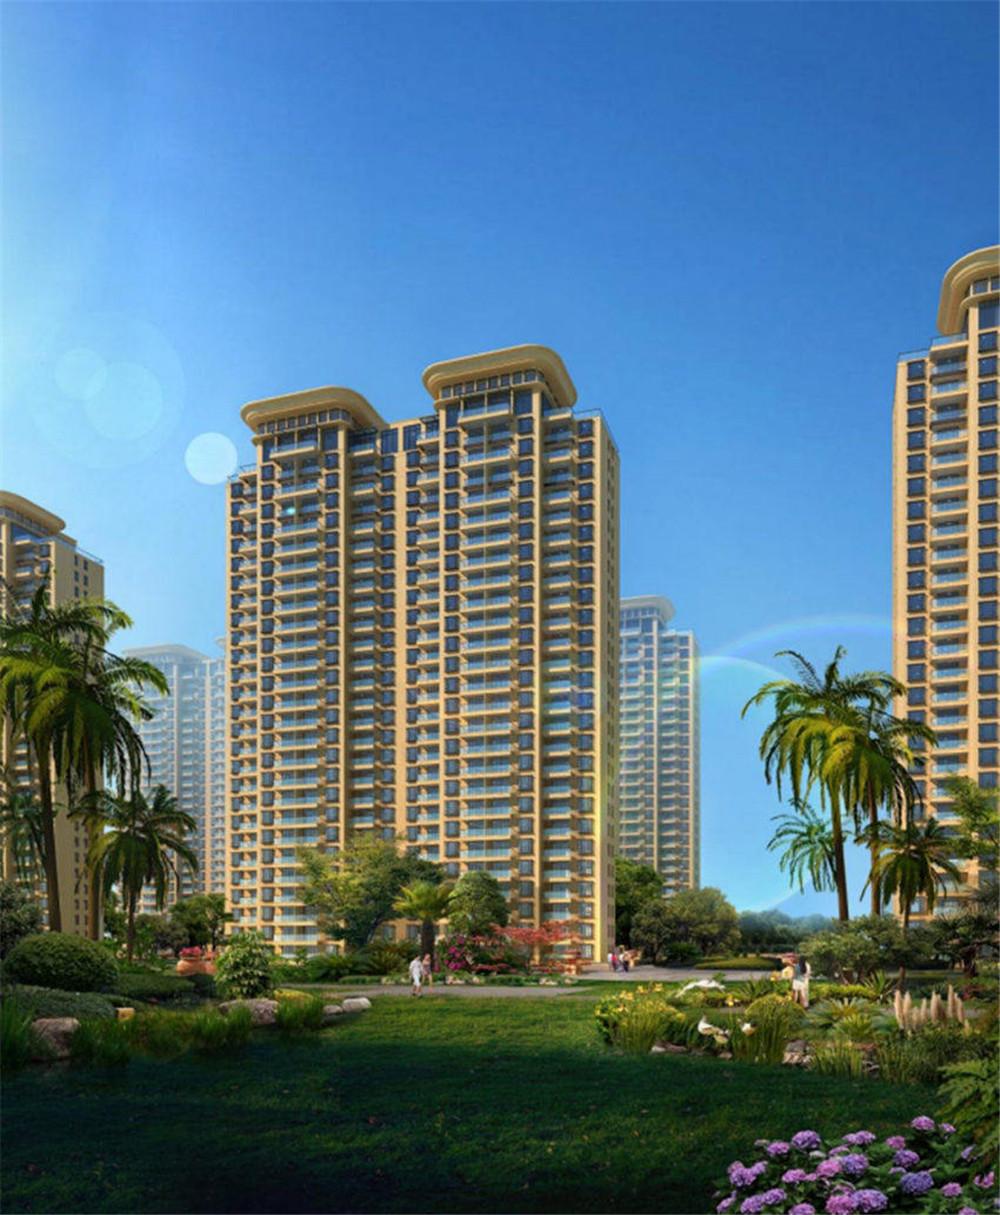 http://yuefangwangimg.oss-cn-hangzhou.aliyuncs.com/uploads/20200918/dfc08a8ead60adf991bea20199dfffeaMax.jpg